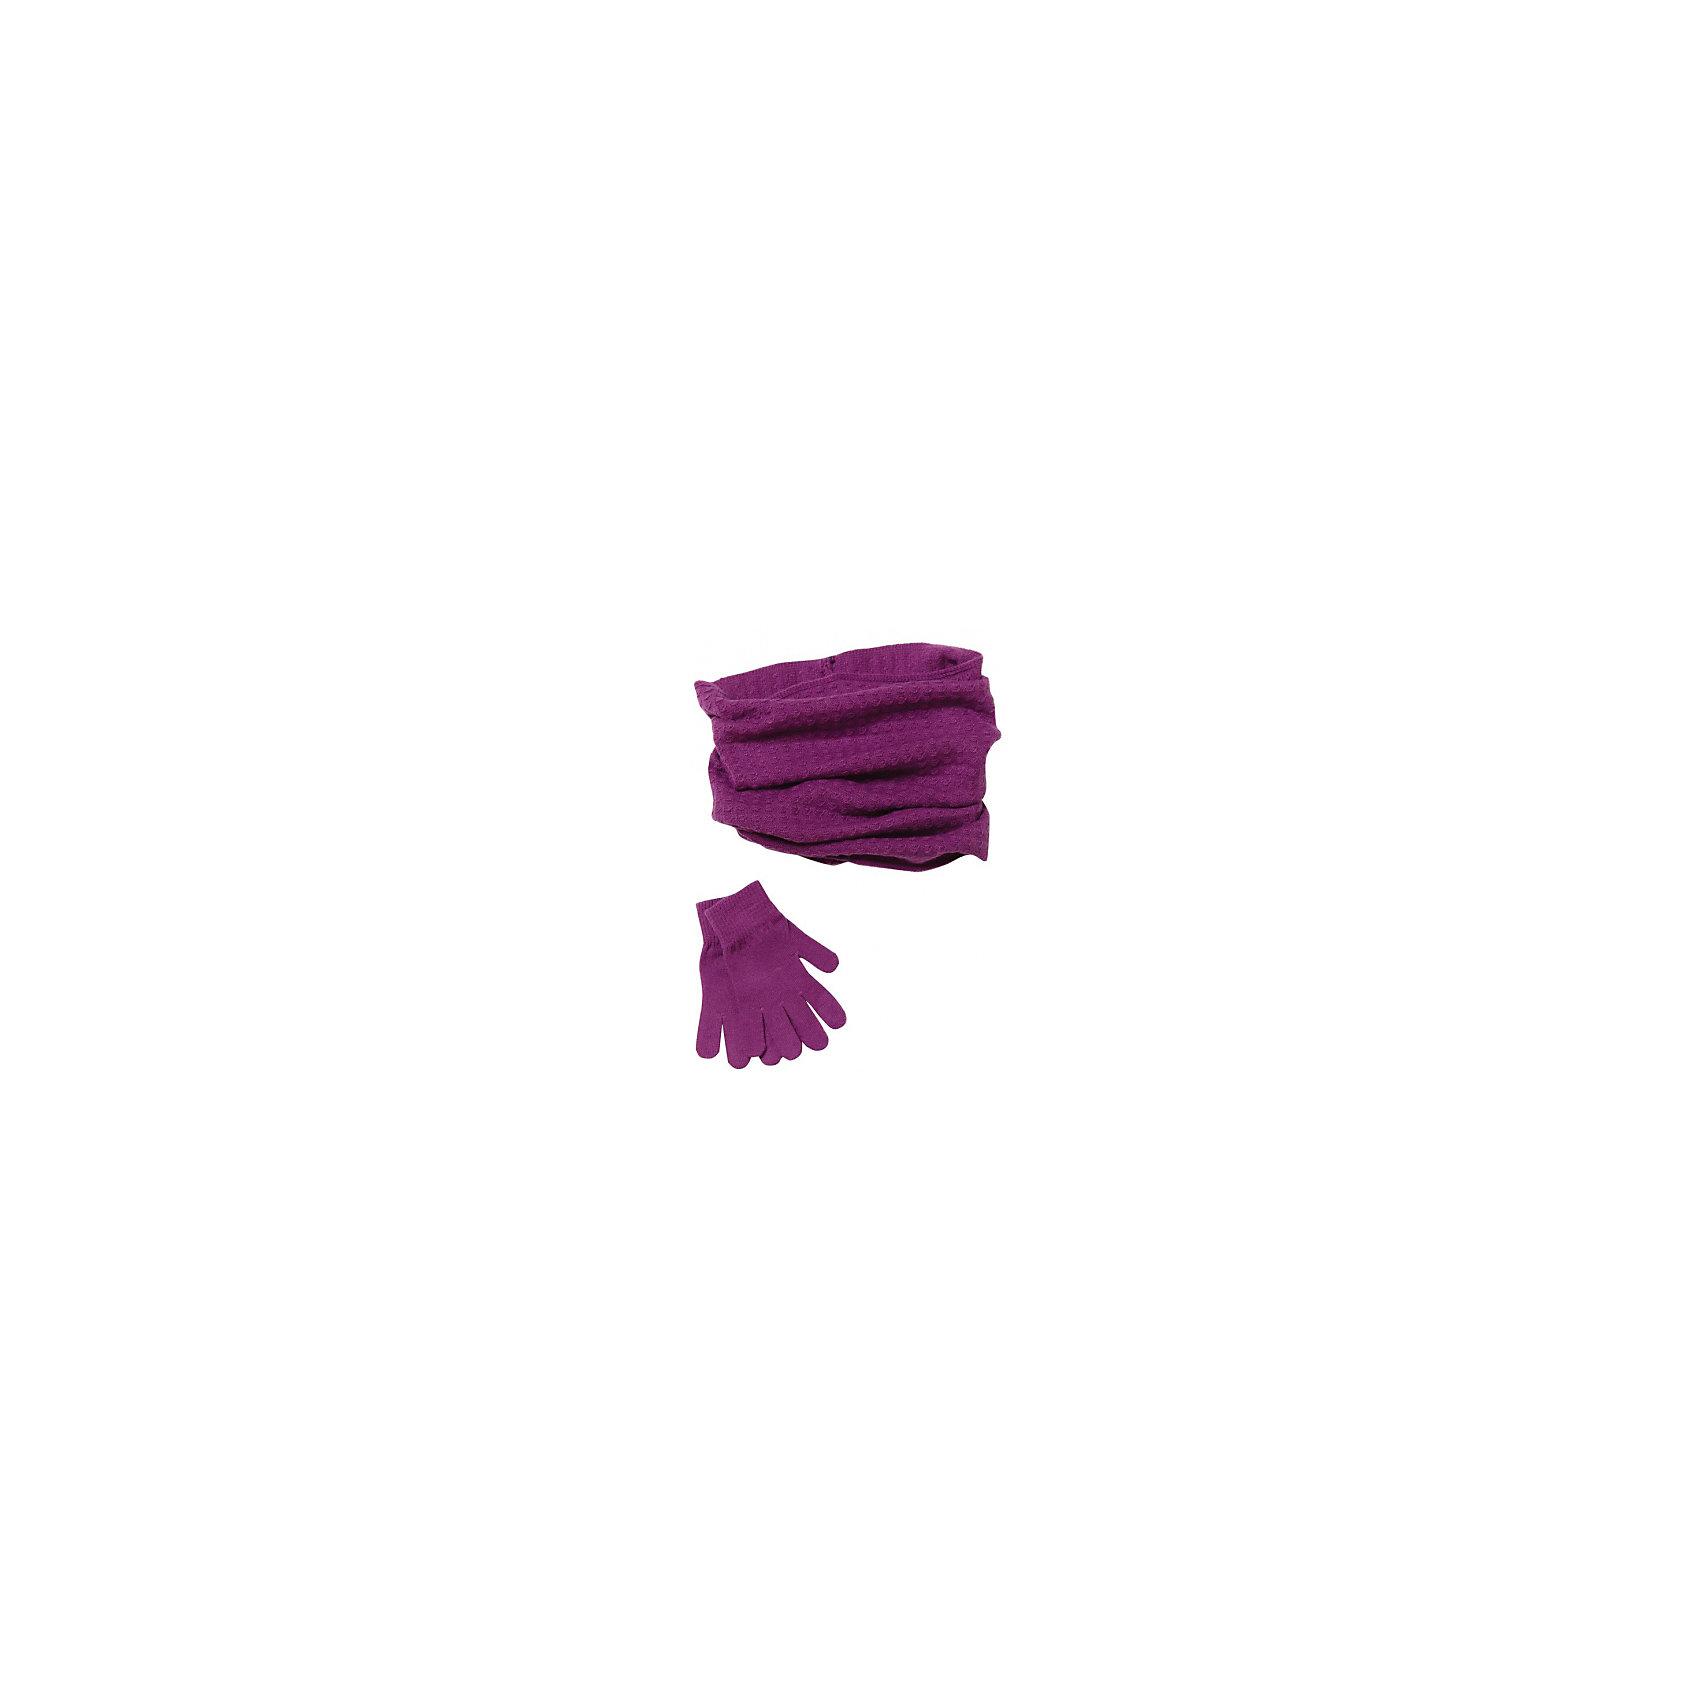 Комплект: шарф и перчатки для девочки ScoolГоловные уборы<br>Комплект: шарф и перчатки для девочки из коллекции осень-зима 2016-2017 от известного бренда Scool. Стильный и удобный комплект из шарфа и перчаток для прохладной погоды. Приятный темно-сиреневый цвет в сочетании с интересной вязкой придет по вкусу вашей моднице. Шарф круглый, выполнен в стиле снуд, его нельзя завязать. Комплект отлично подойдет как к курткам, так и к пальто.<br><br>Дополнительная информация:<br>- Длина шарфа: 39 см.<br>- Ширина шарфа: 27 см.<br><br>Состав: 80% акрил, 20% шерсть <br><br>Комплект: шарф и перчатки для девочек Sela можно купить в нашем интернет-магазине.<br><br>Подробнее:<br>• Для детей в возрасте: от 8 до 14 лет<br>• Номер товара: 4911307<br>Страна производитель: Китай<br><br>Ширина мм: 88<br>Глубина мм: 155<br>Высота мм: 26<br>Вес г: 106<br>Цвет: фиолетовый<br>Возраст от месяцев: 72<br>Возраст до месяцев: 84<br>Пол: Женский<br>Возраст: Детский<br>Размер: 54<br>SKU: 4911306